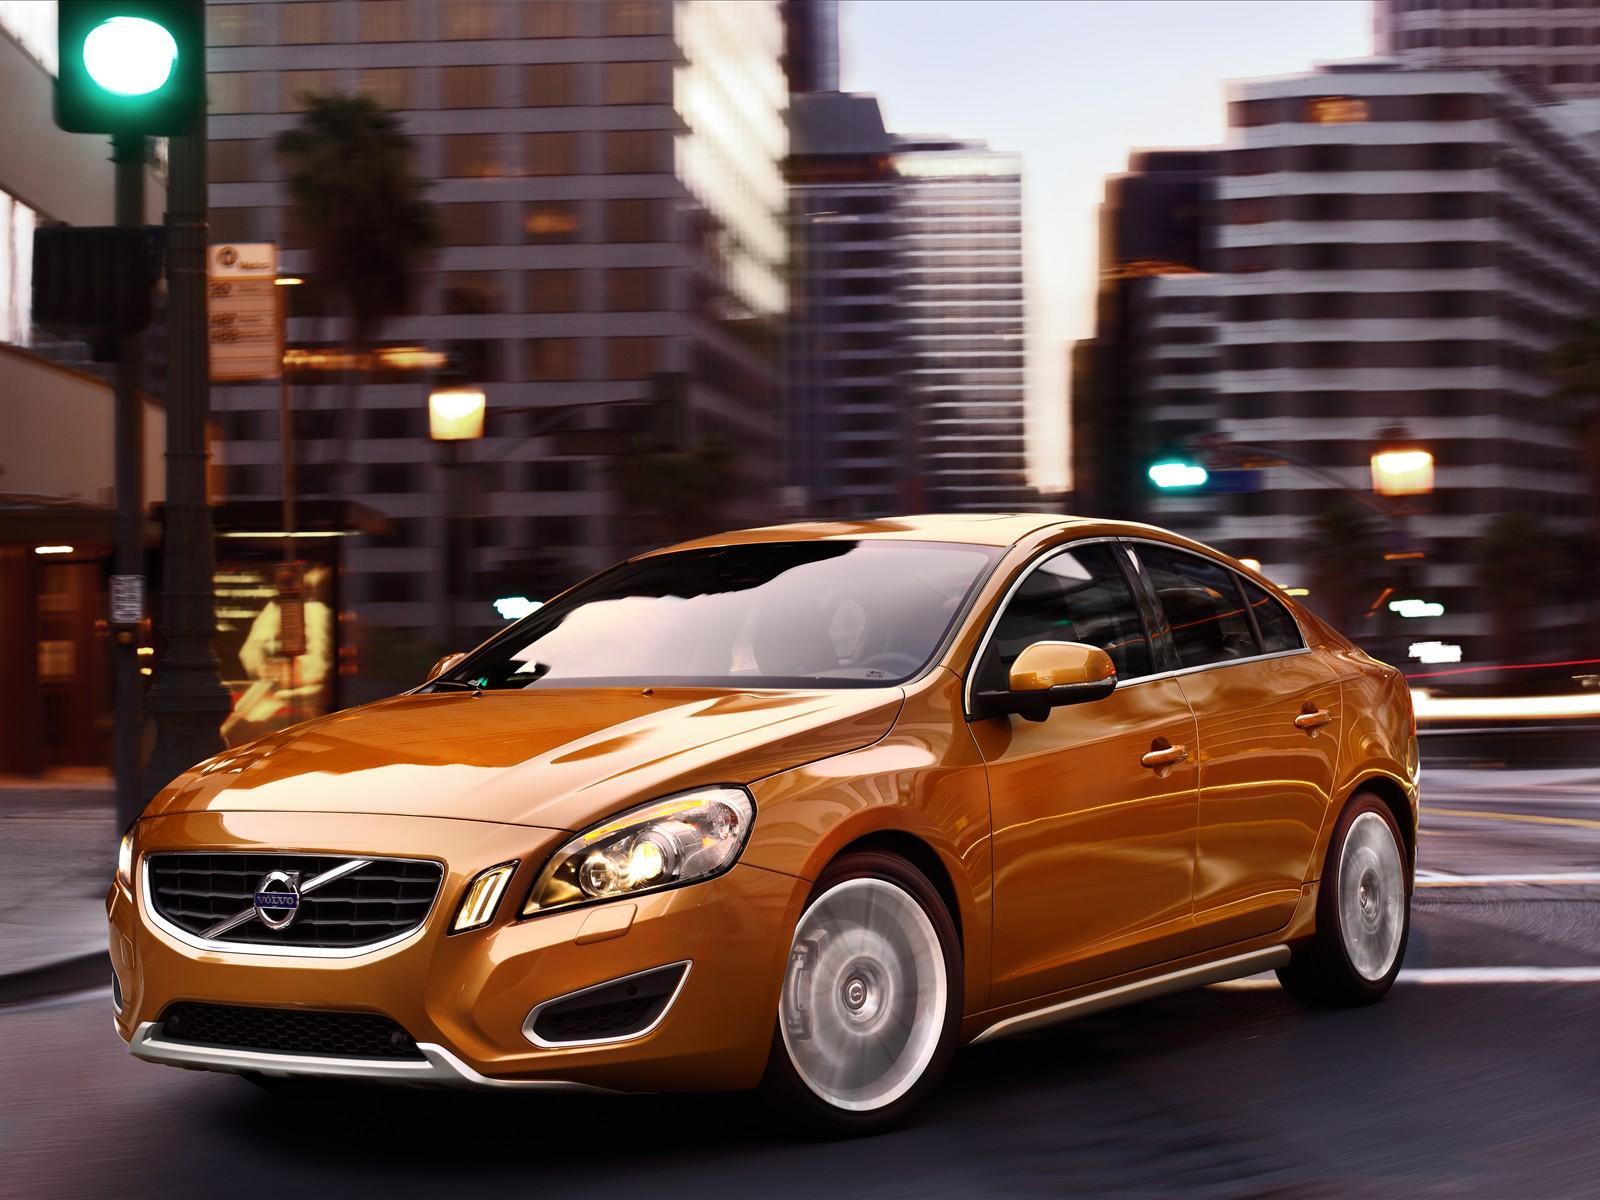 http://4.bp.blogspot.com/-MZiv6OzOKaA/Ttsc0rkPCvI/AAAAAAAAAXE/GMU2ZCd1KRs/s1600/Volvo-S60-2011-Official-Pictures-wallpaper.jpg